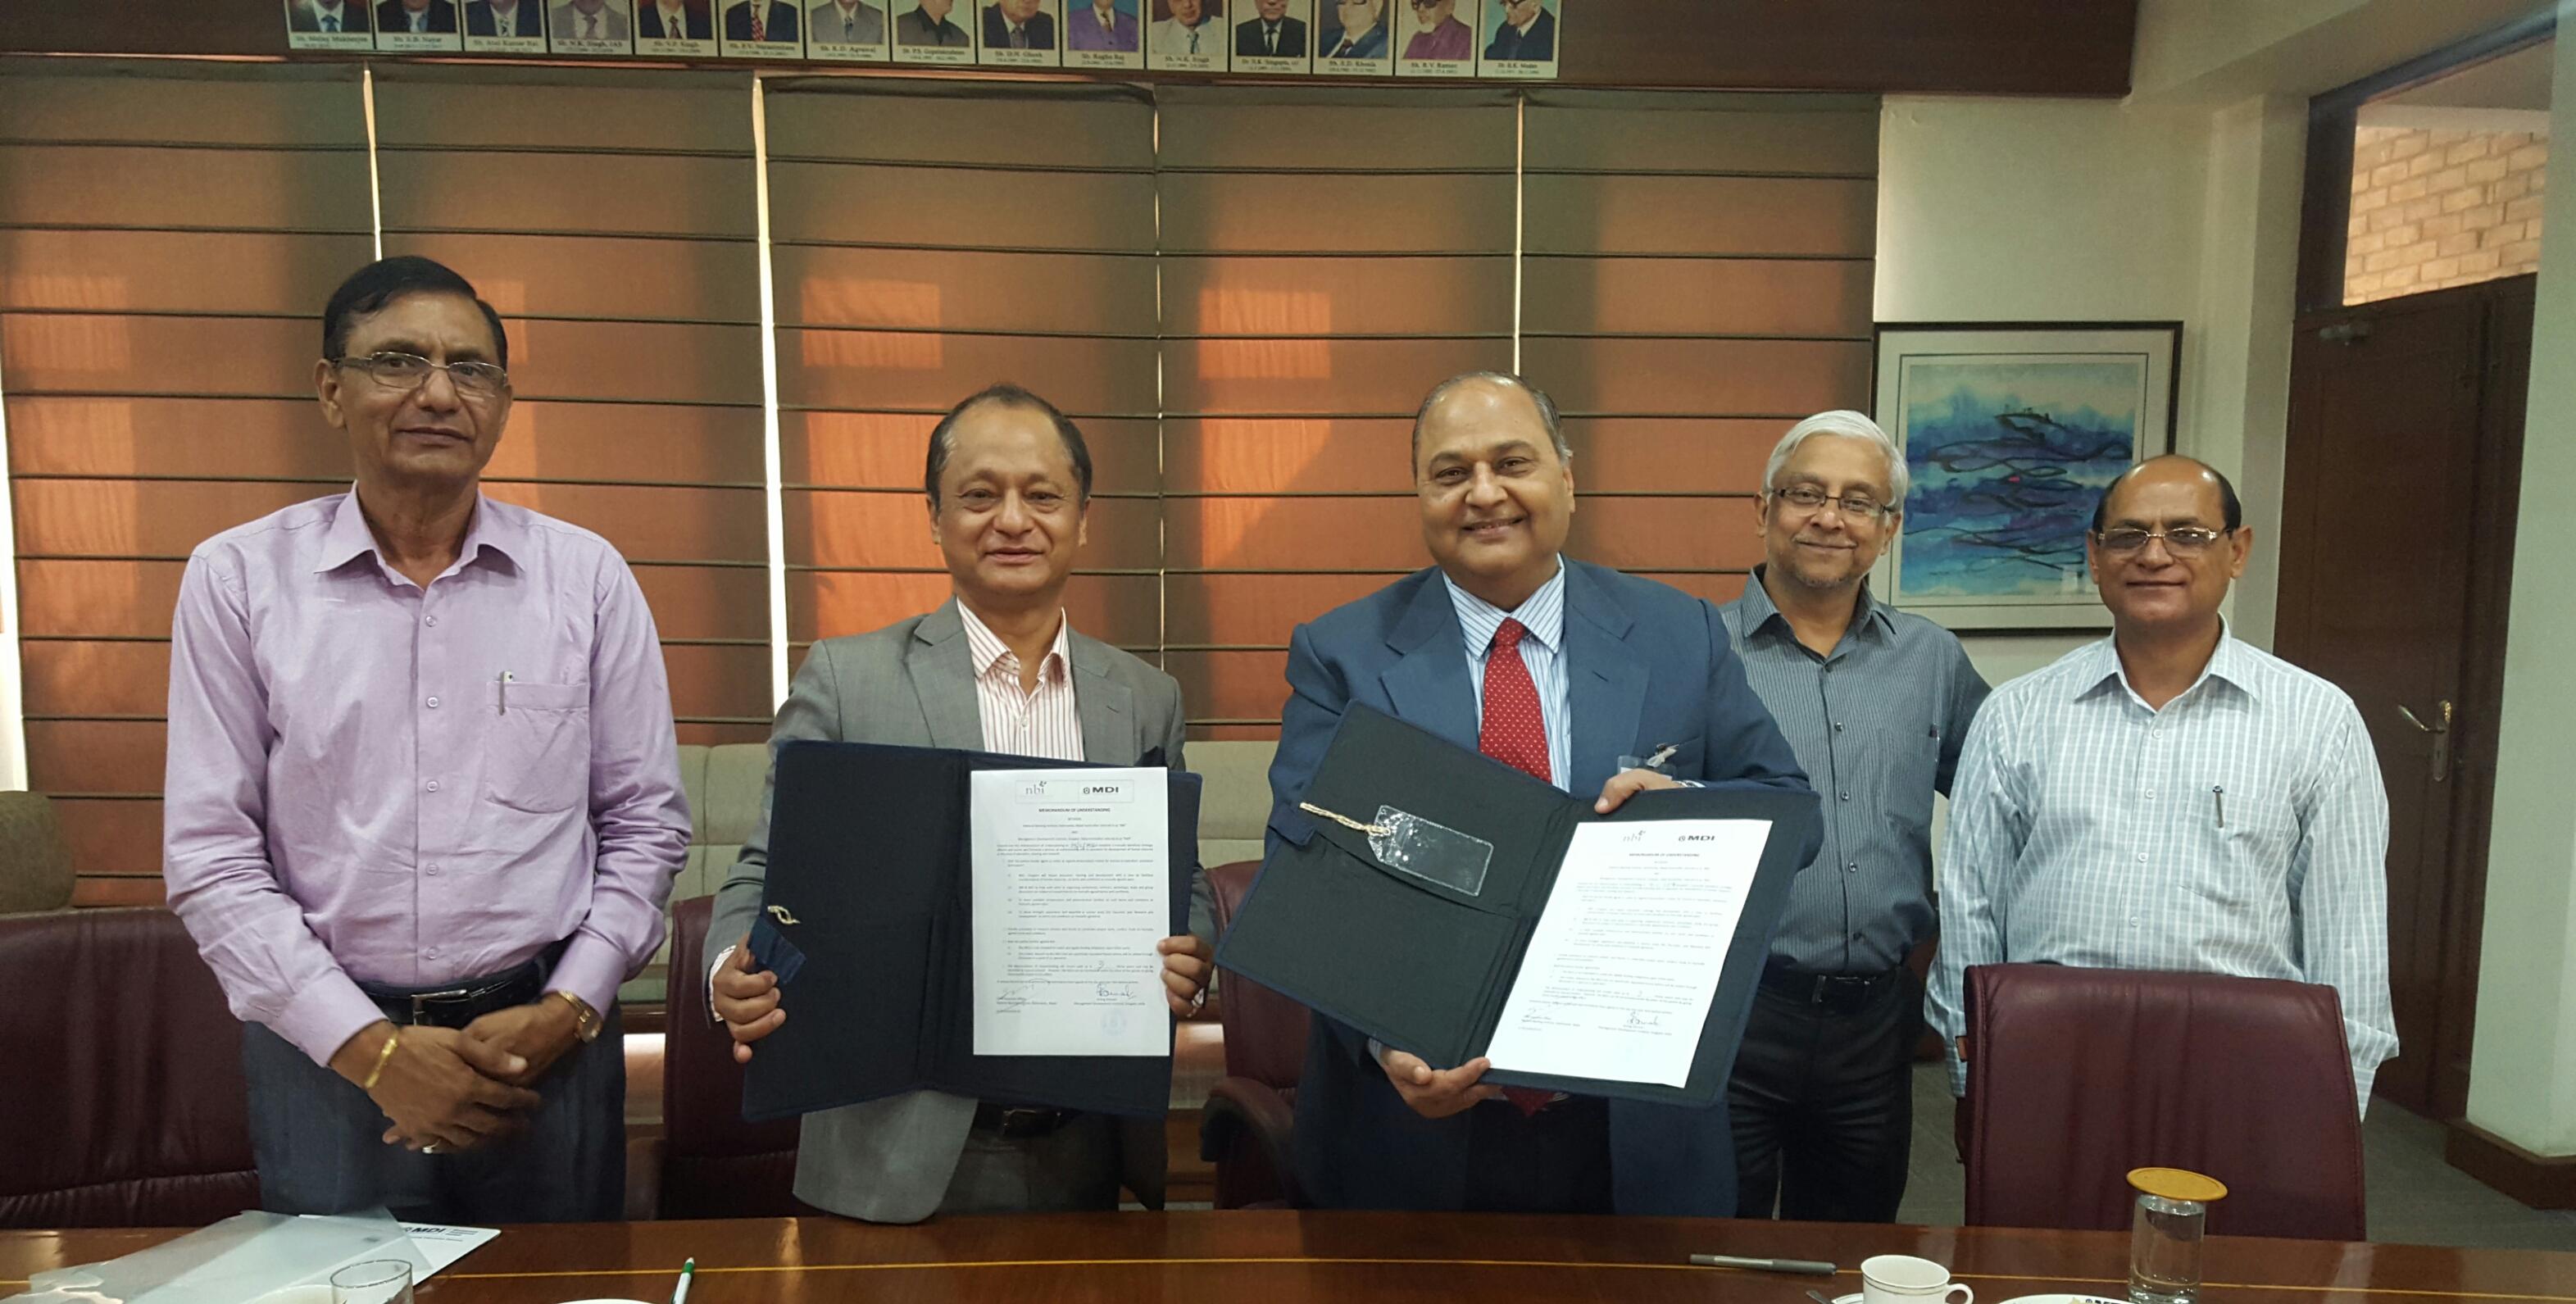 एनबिआई र भारतीय संस्था एमडीआई बिच समझदारी पत्रमा हस्ताक्षर